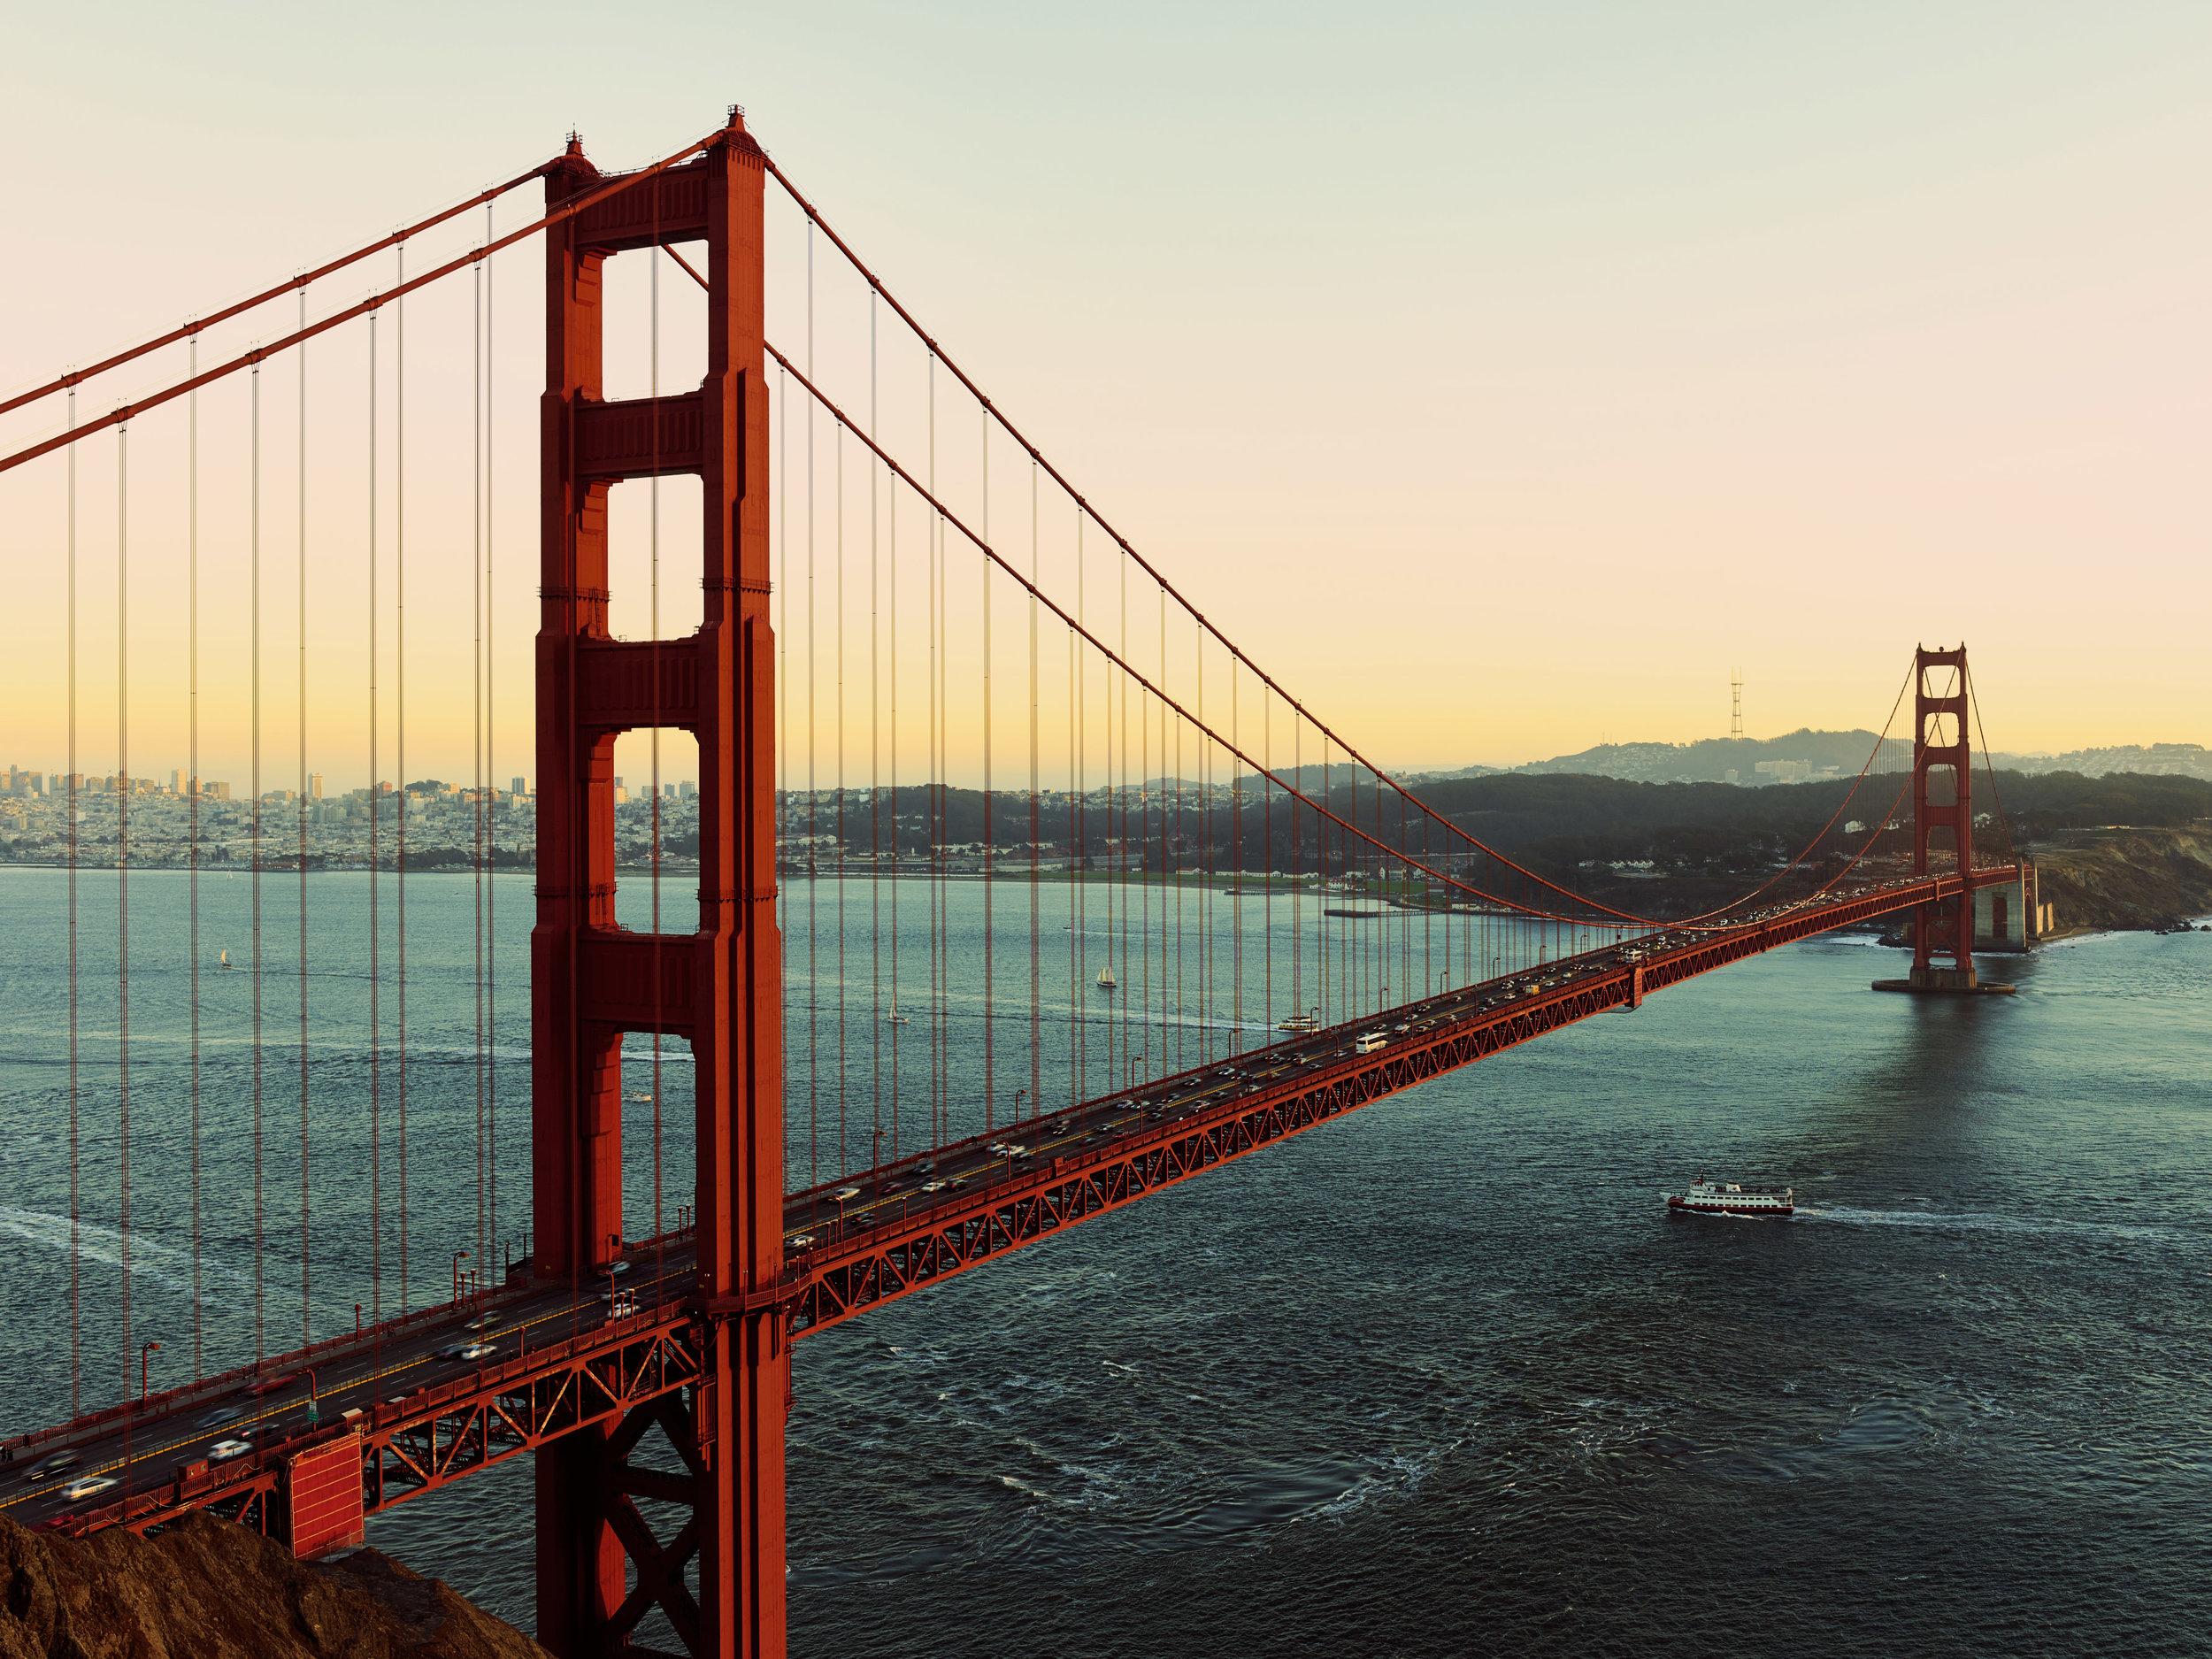 SF_GoldenGateBridge_Panorama1 005172.jpg